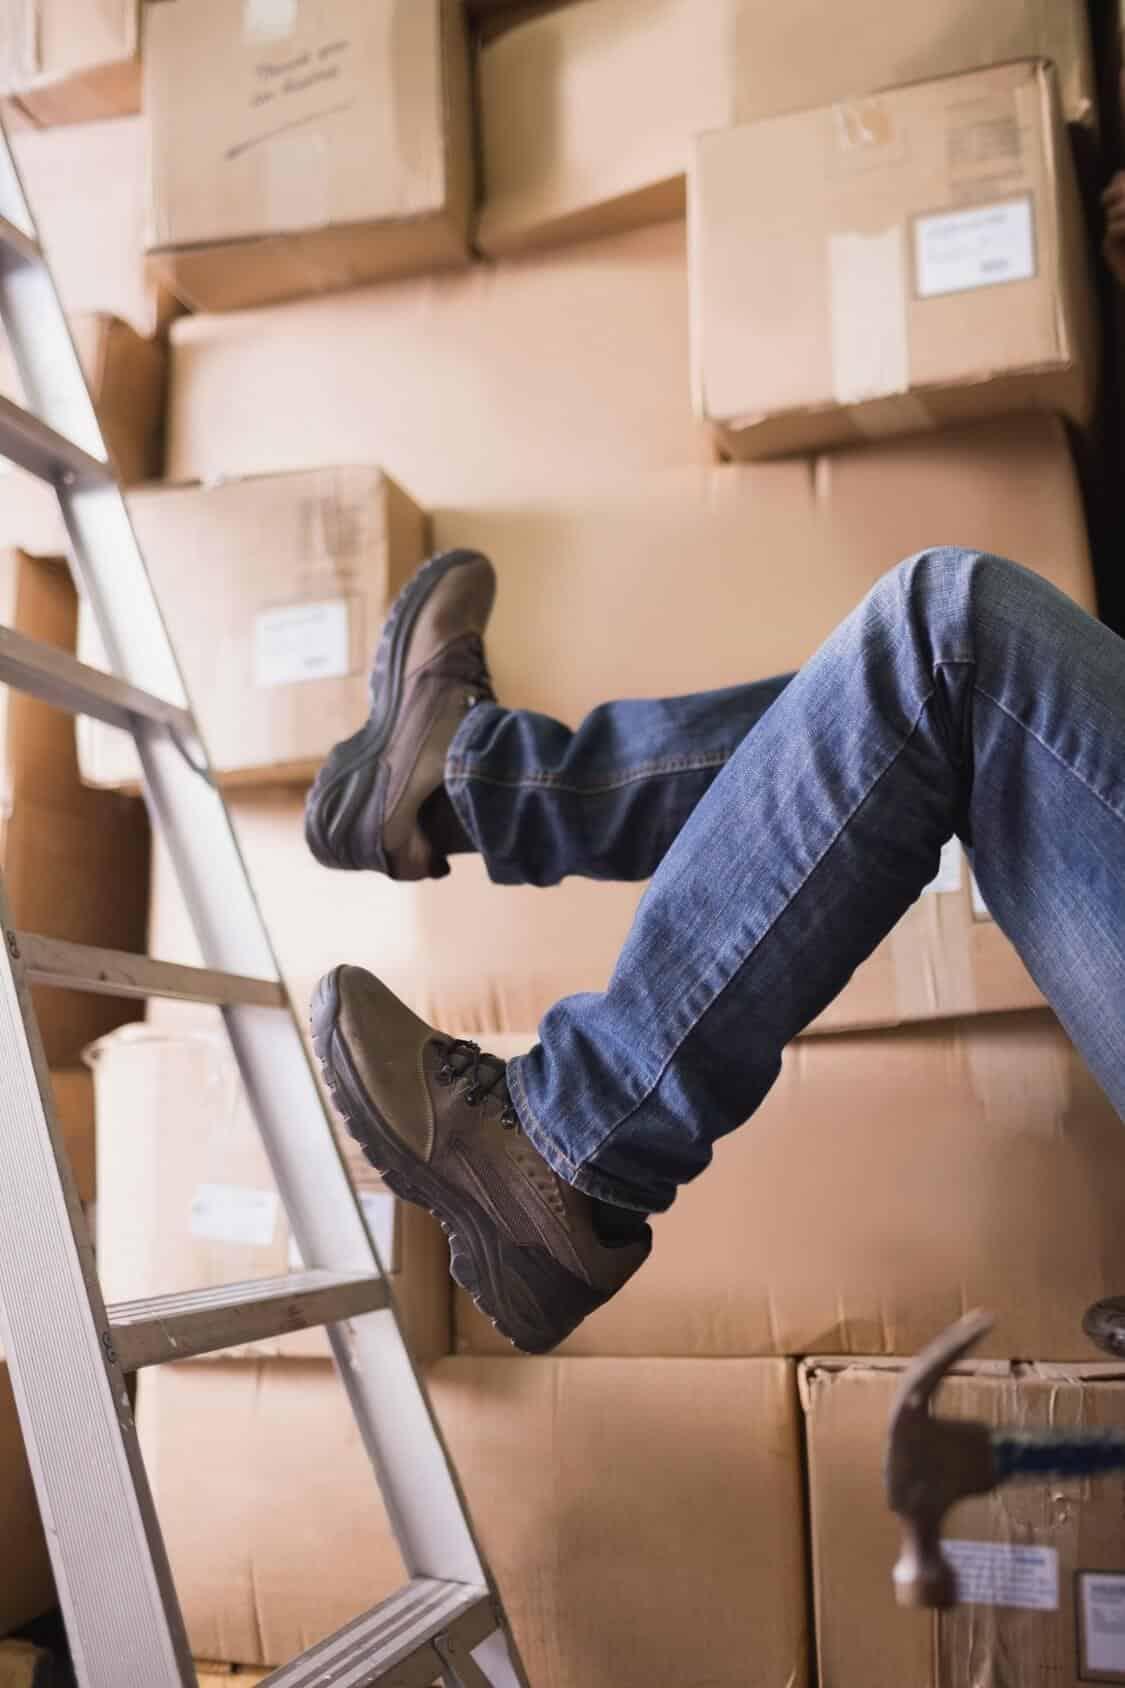 Arbeitsschutz: Der kluge Mann sorgt vor